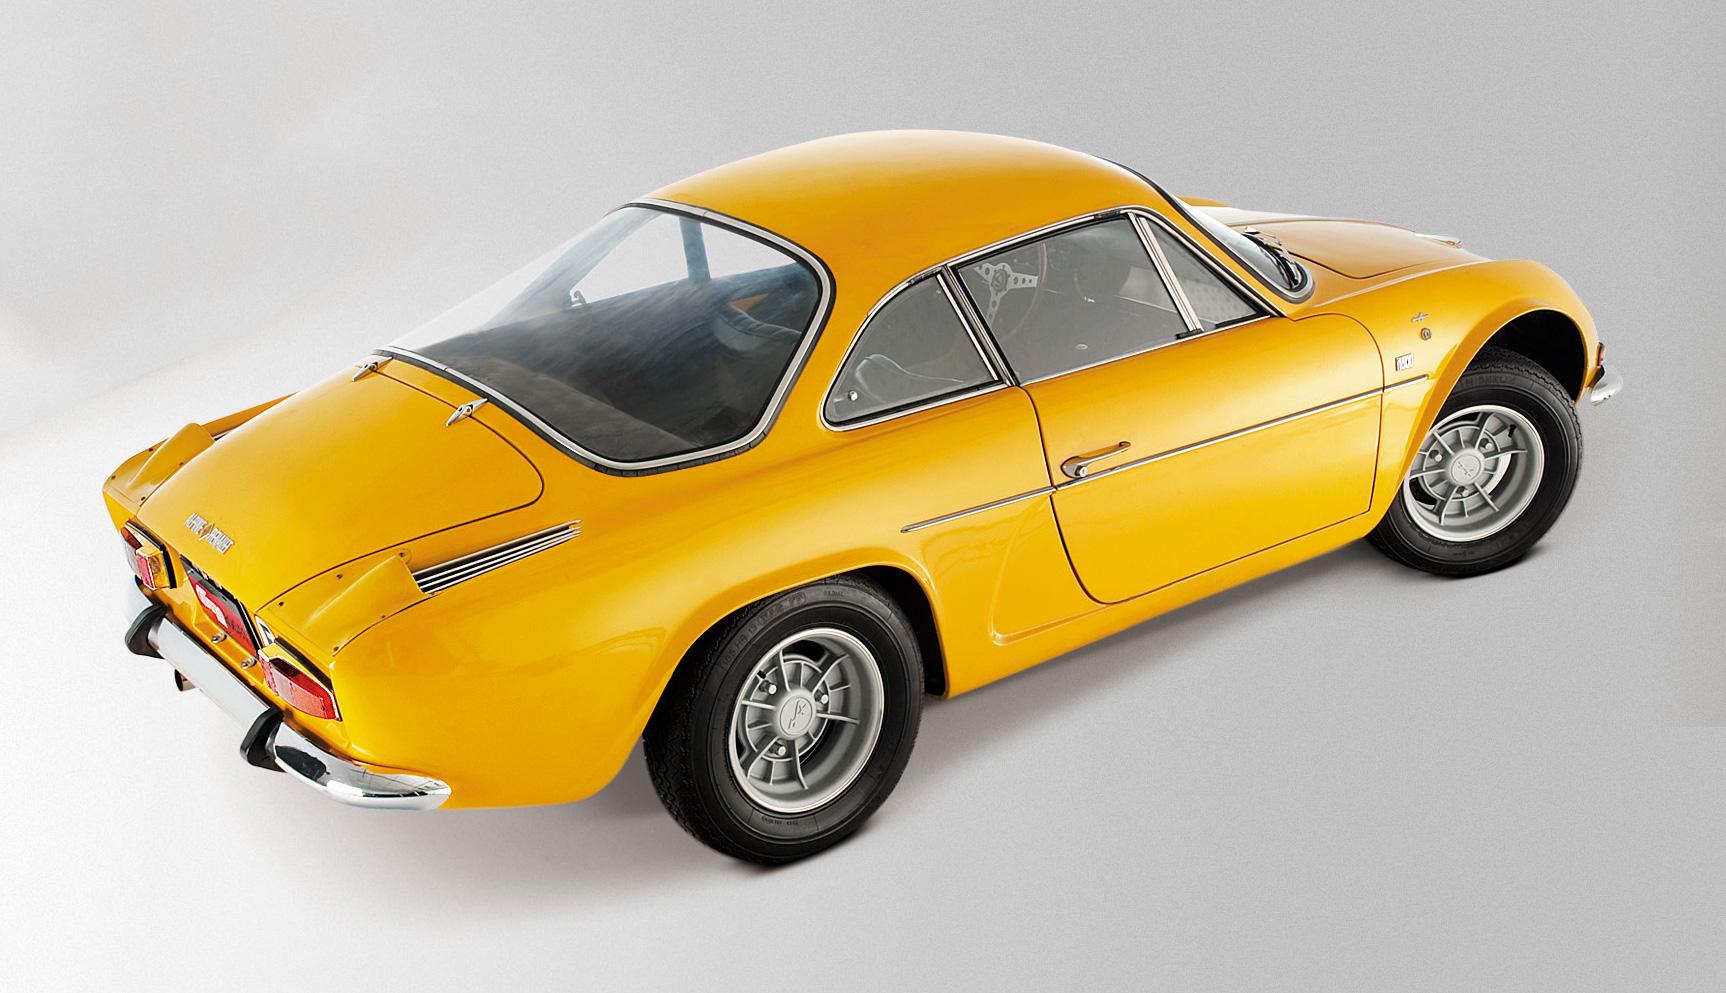 Preparado pela Alpine, o A110 era baseado na mecânica do Renault R8